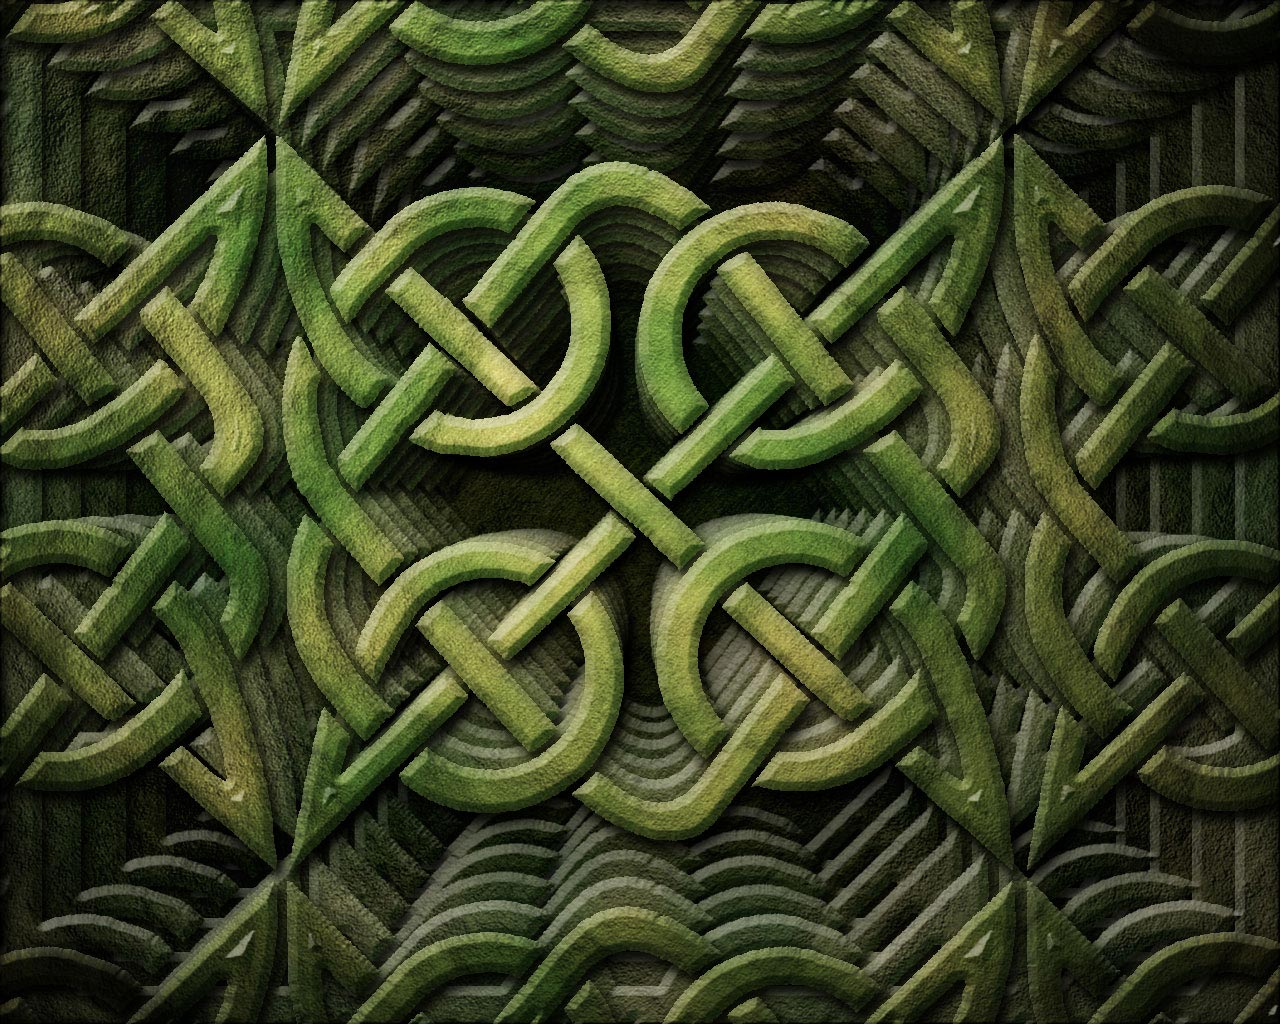 celtic hd wallpaper wallpapersafari